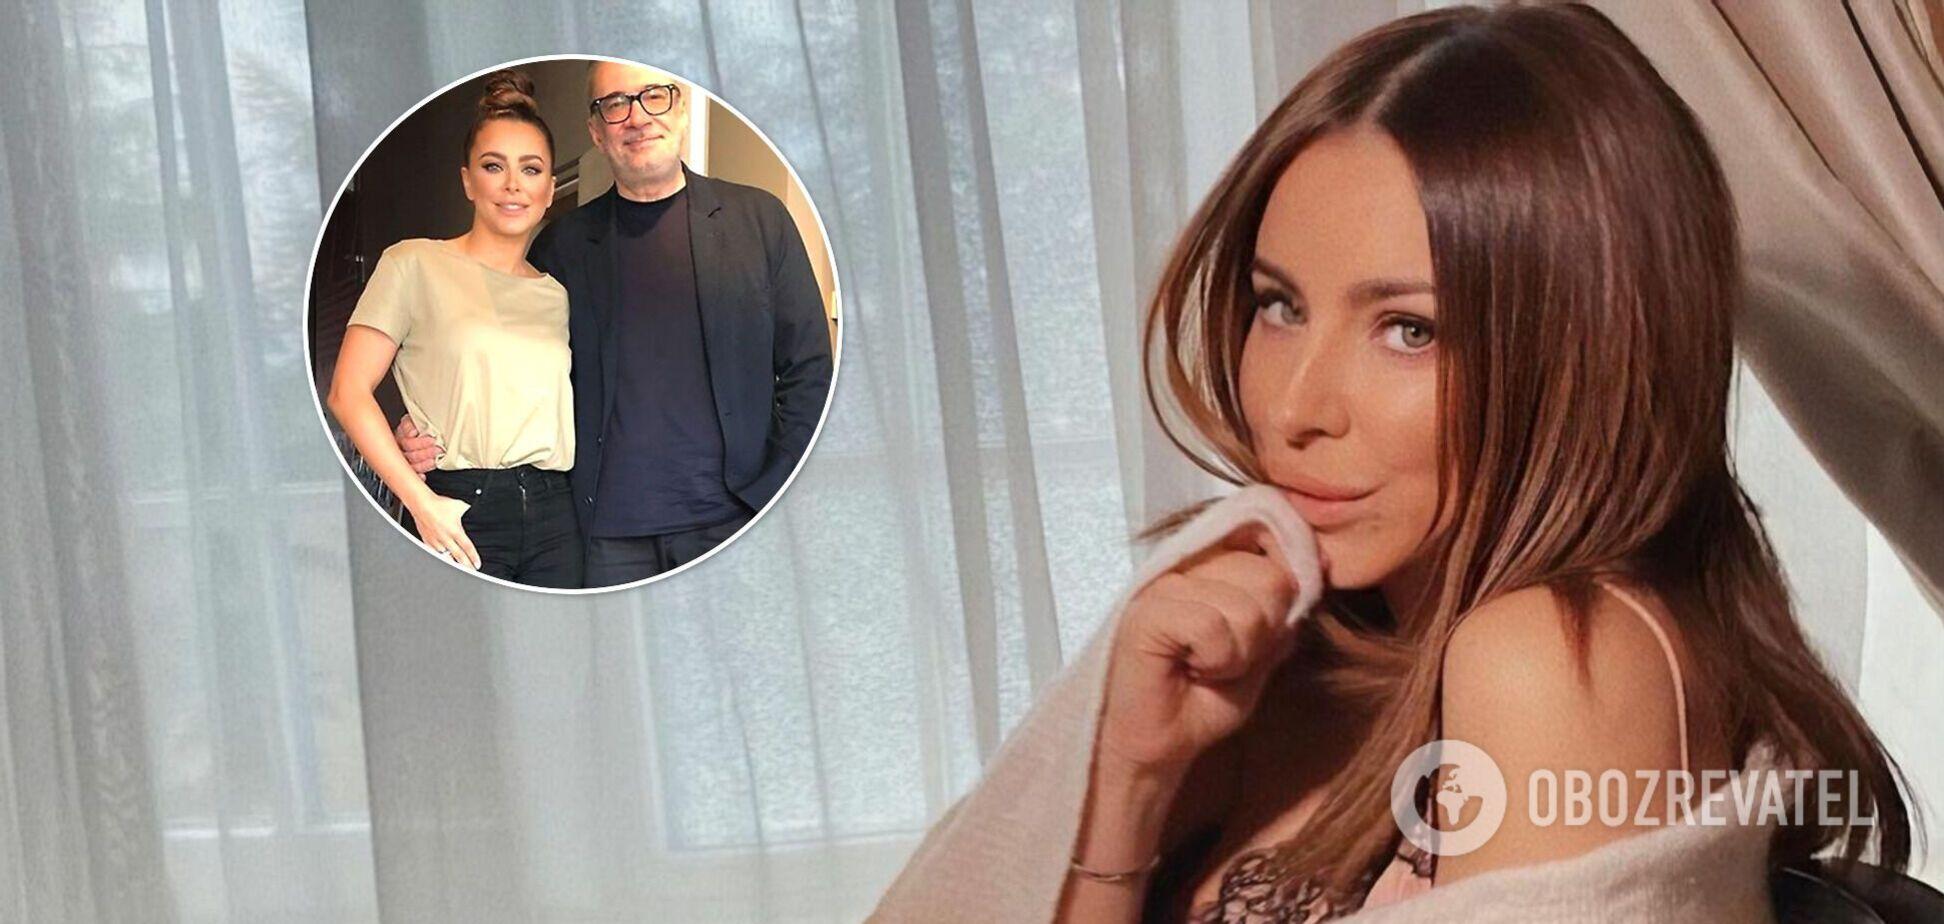 Ані Лорак вперше публічно прокоментувала скандал з домаганнями з боку Меладзе